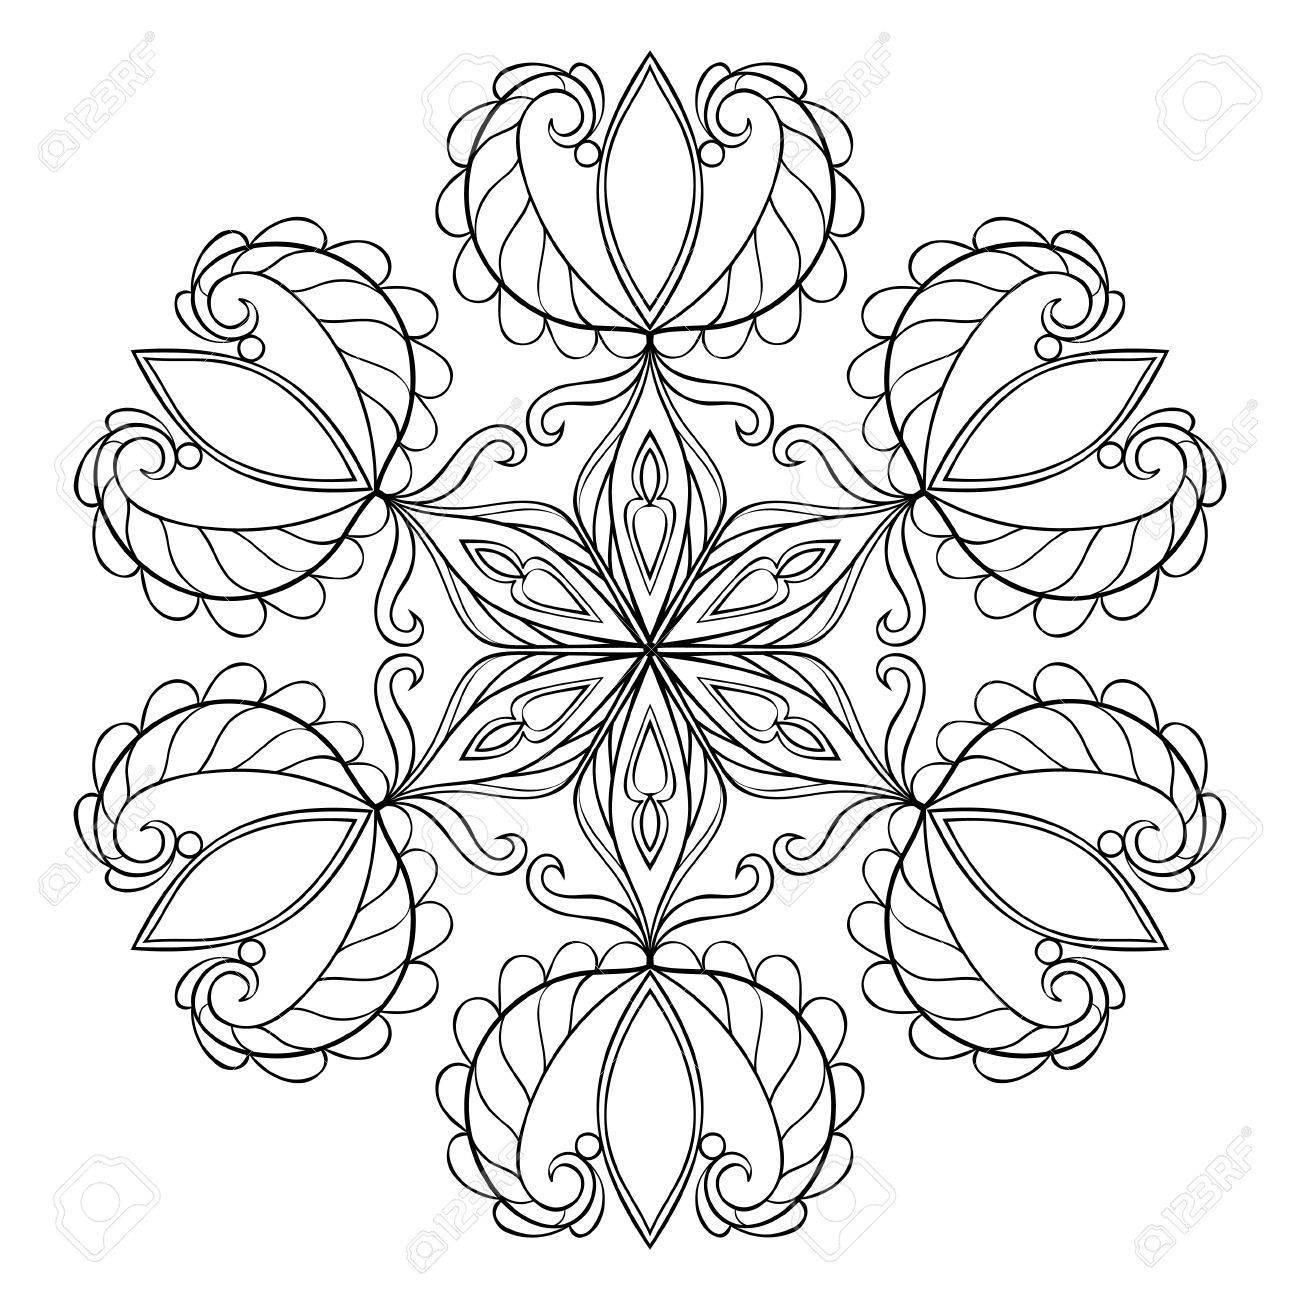 Nieve Del Vector Negro De Escamas En El Estilo De Dibujo Zentangle Mandala Para Colorear Páginas Para Adultos Invierno Ilustración A Mano Alzada